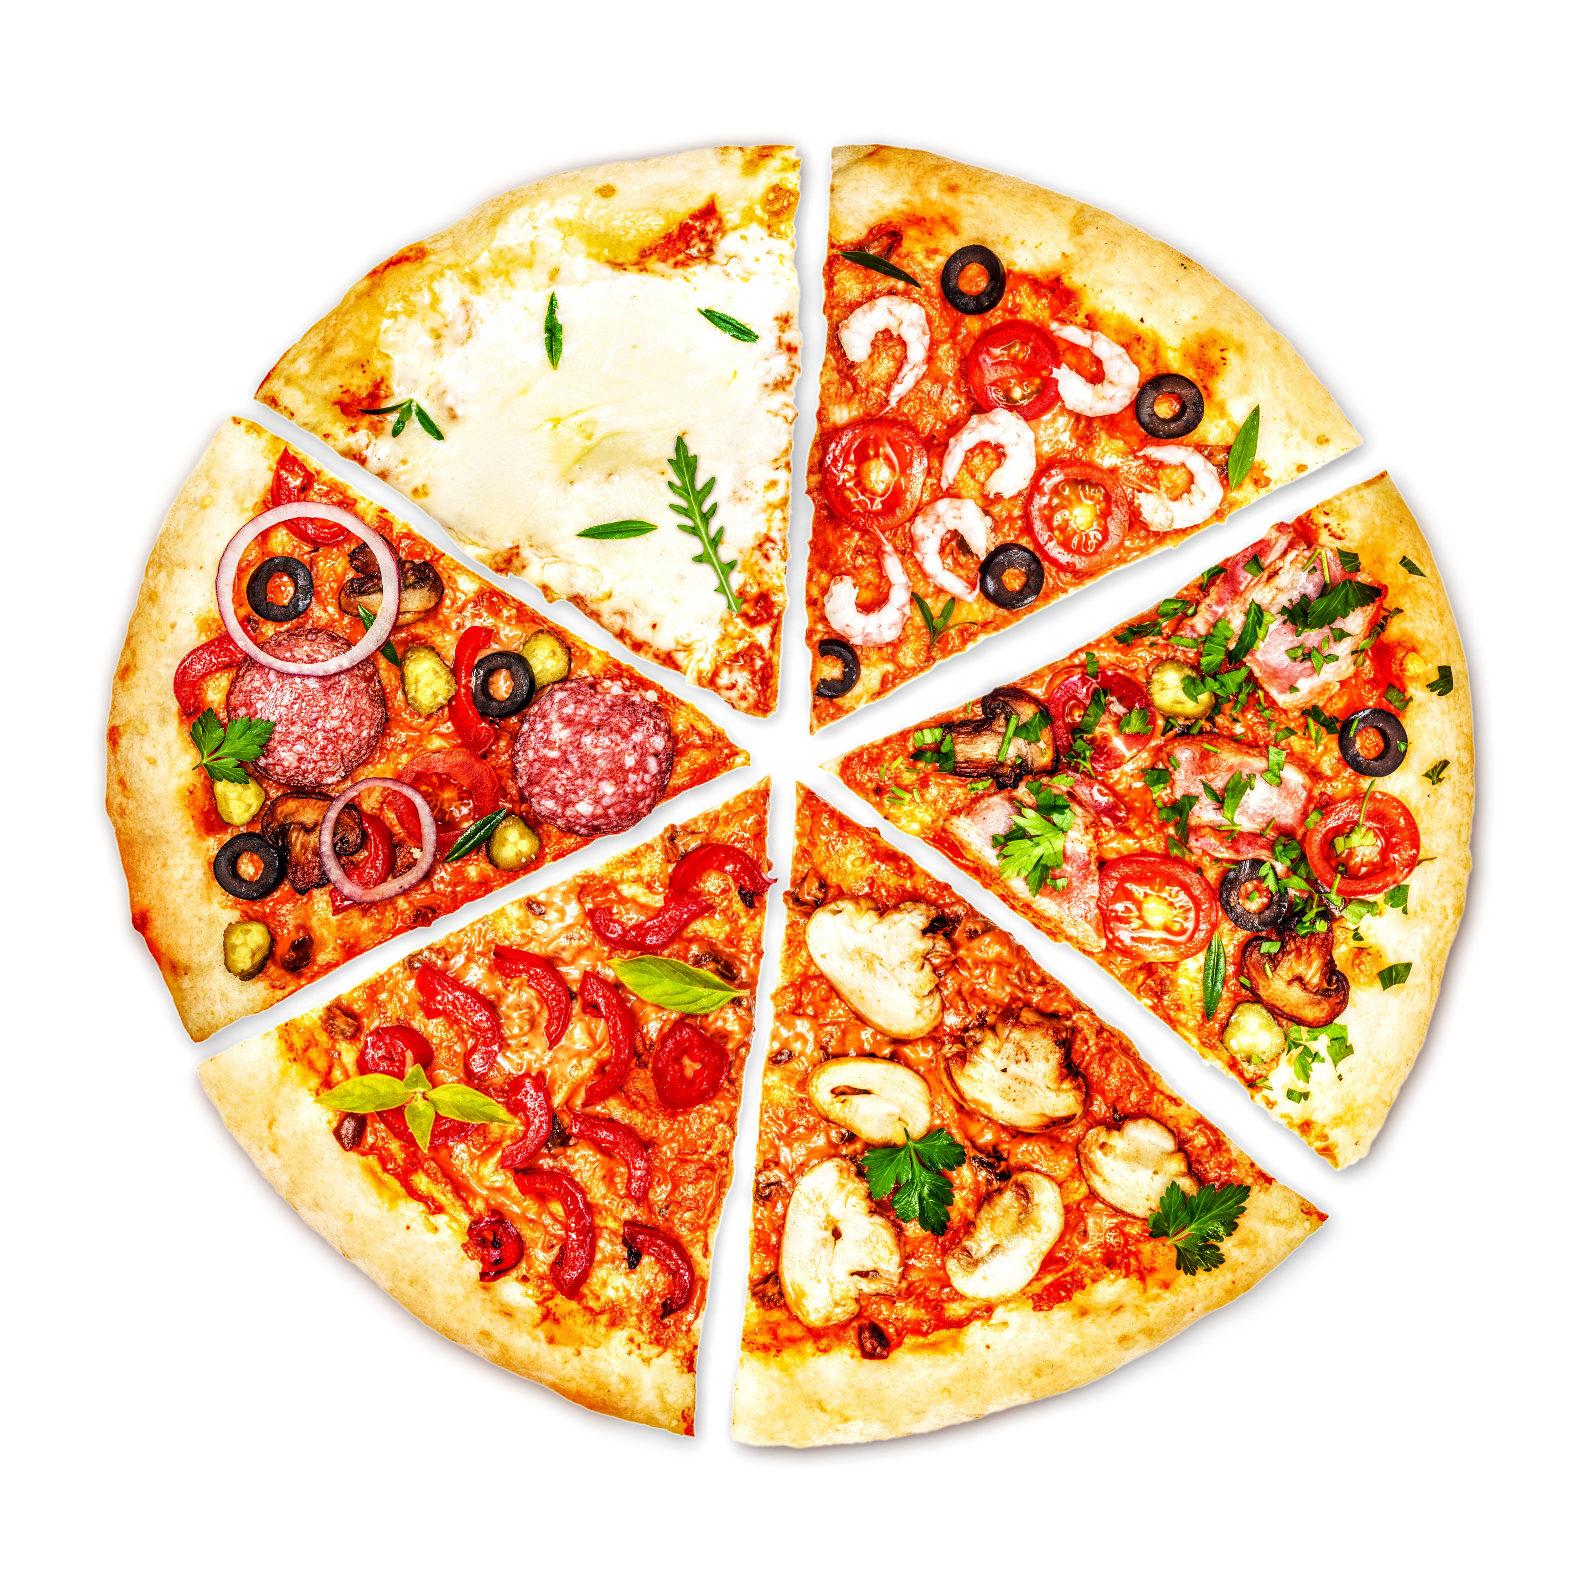 Jaka pizza jest najlepsza? O najpopularniejszych rodzajach pizzy